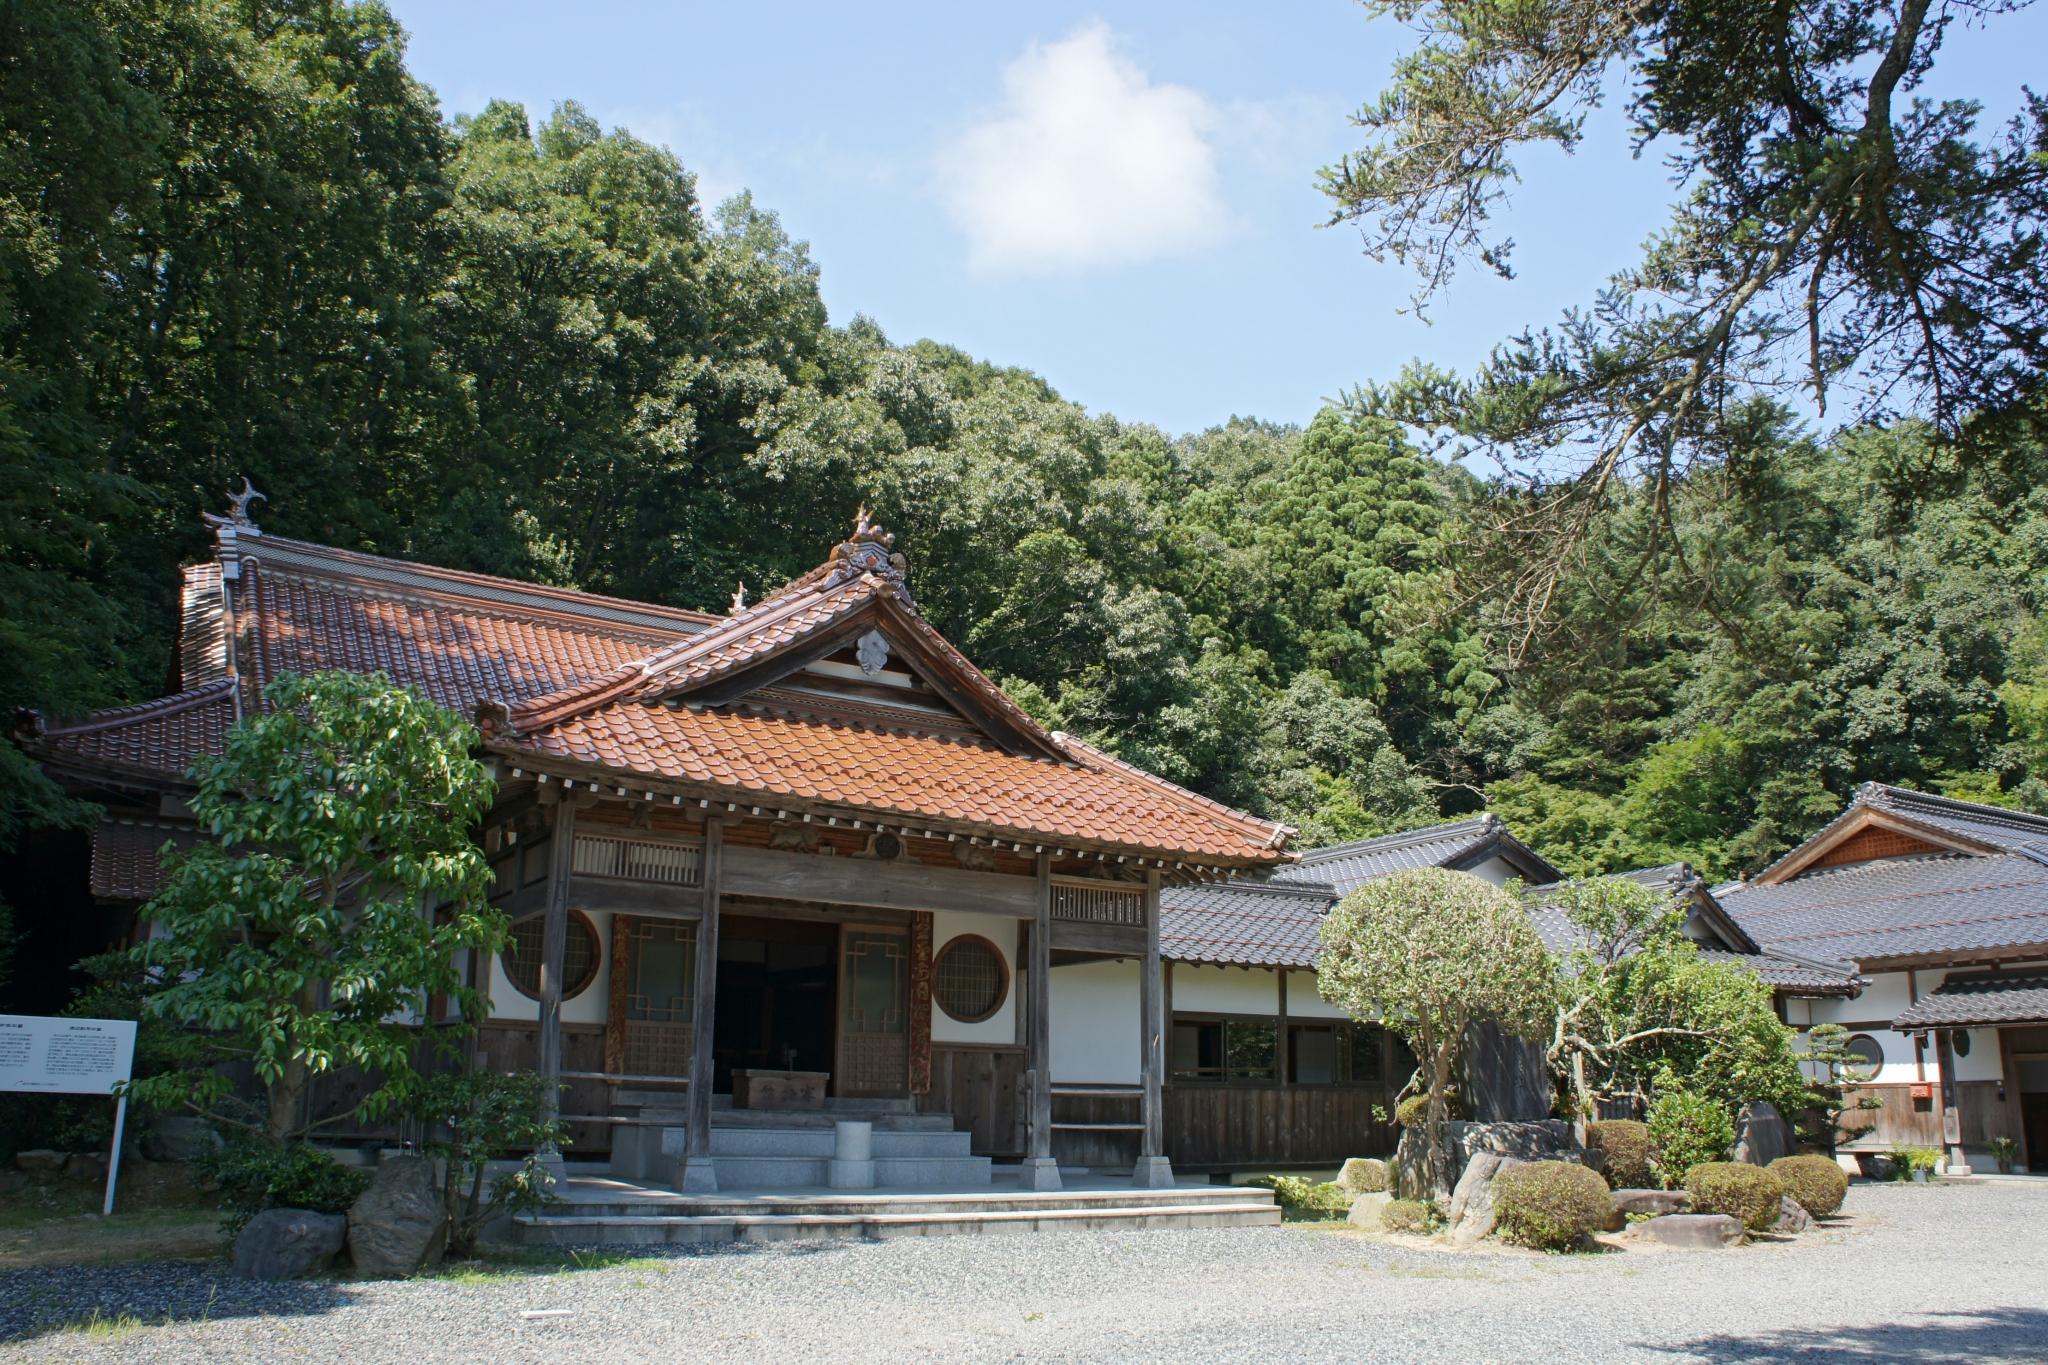 鳥取県黄檗宗興禅寺